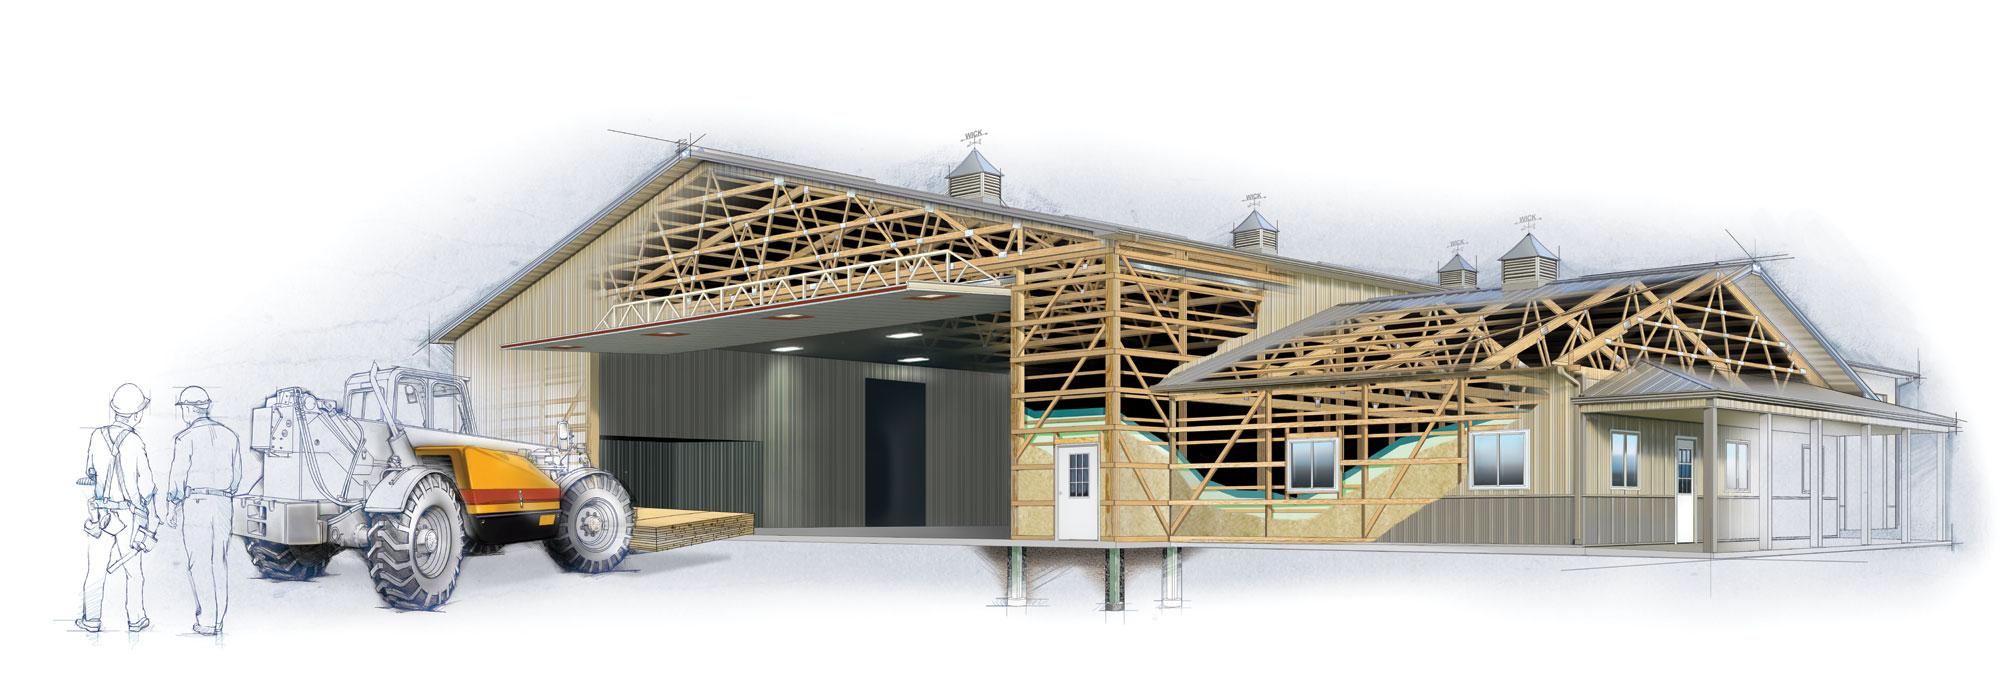 WBDG  WBDG Whole Building Design Guide